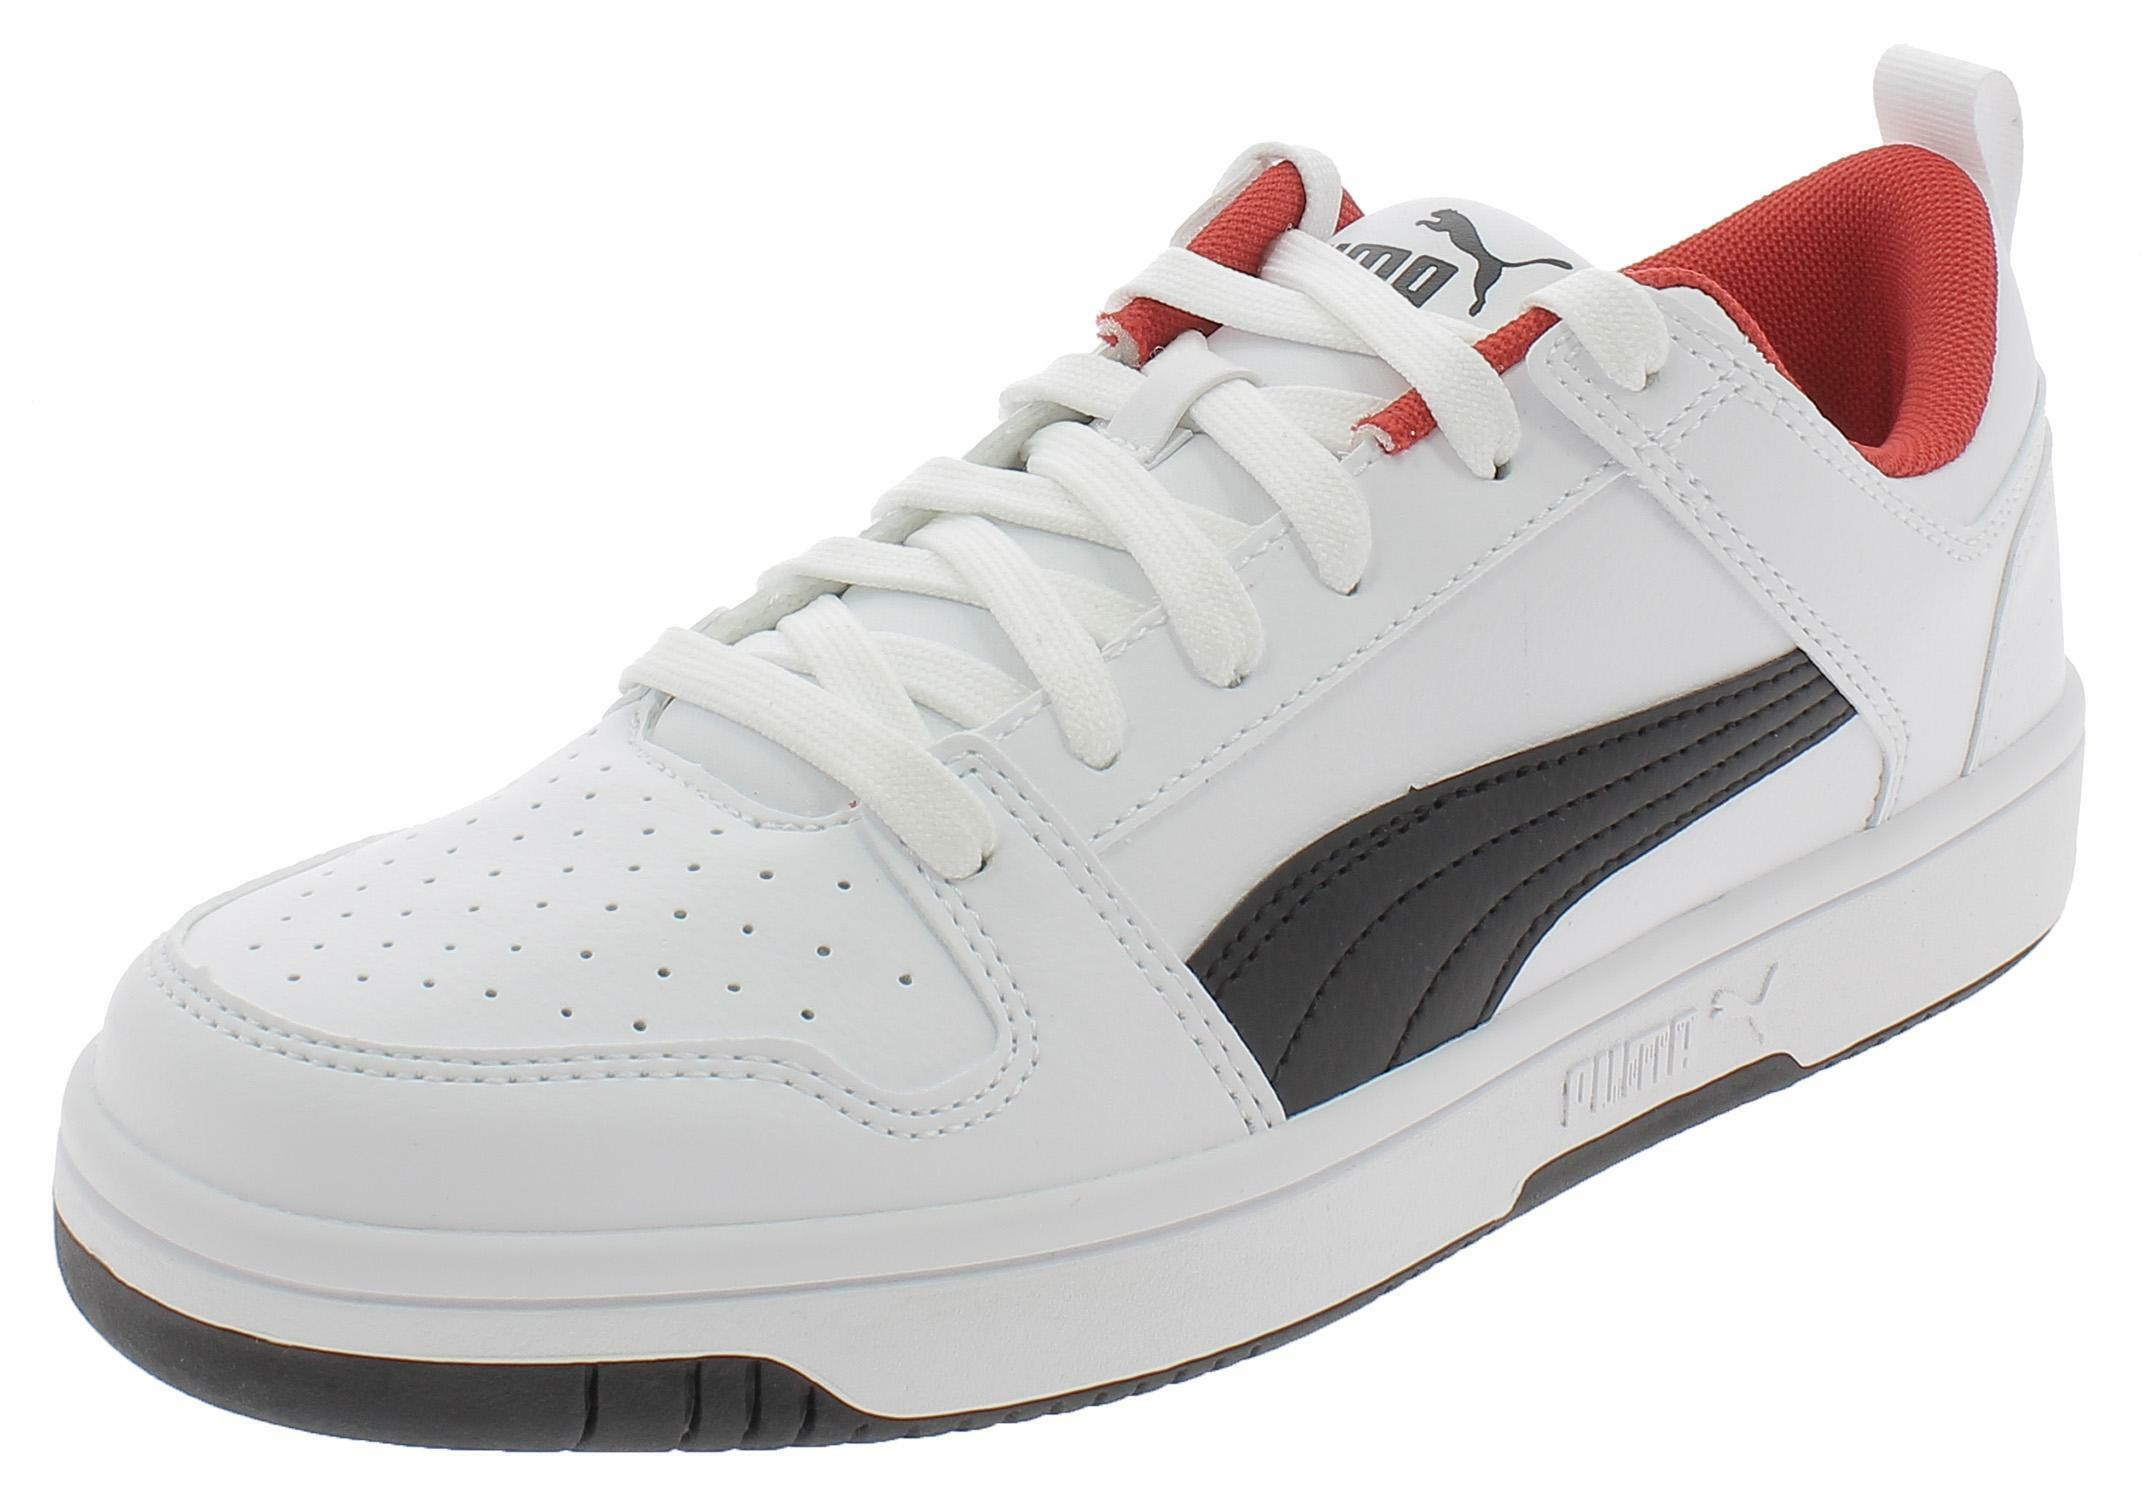 Puma rebound layup lo sl scarpe sportive uomo bianche 36986601